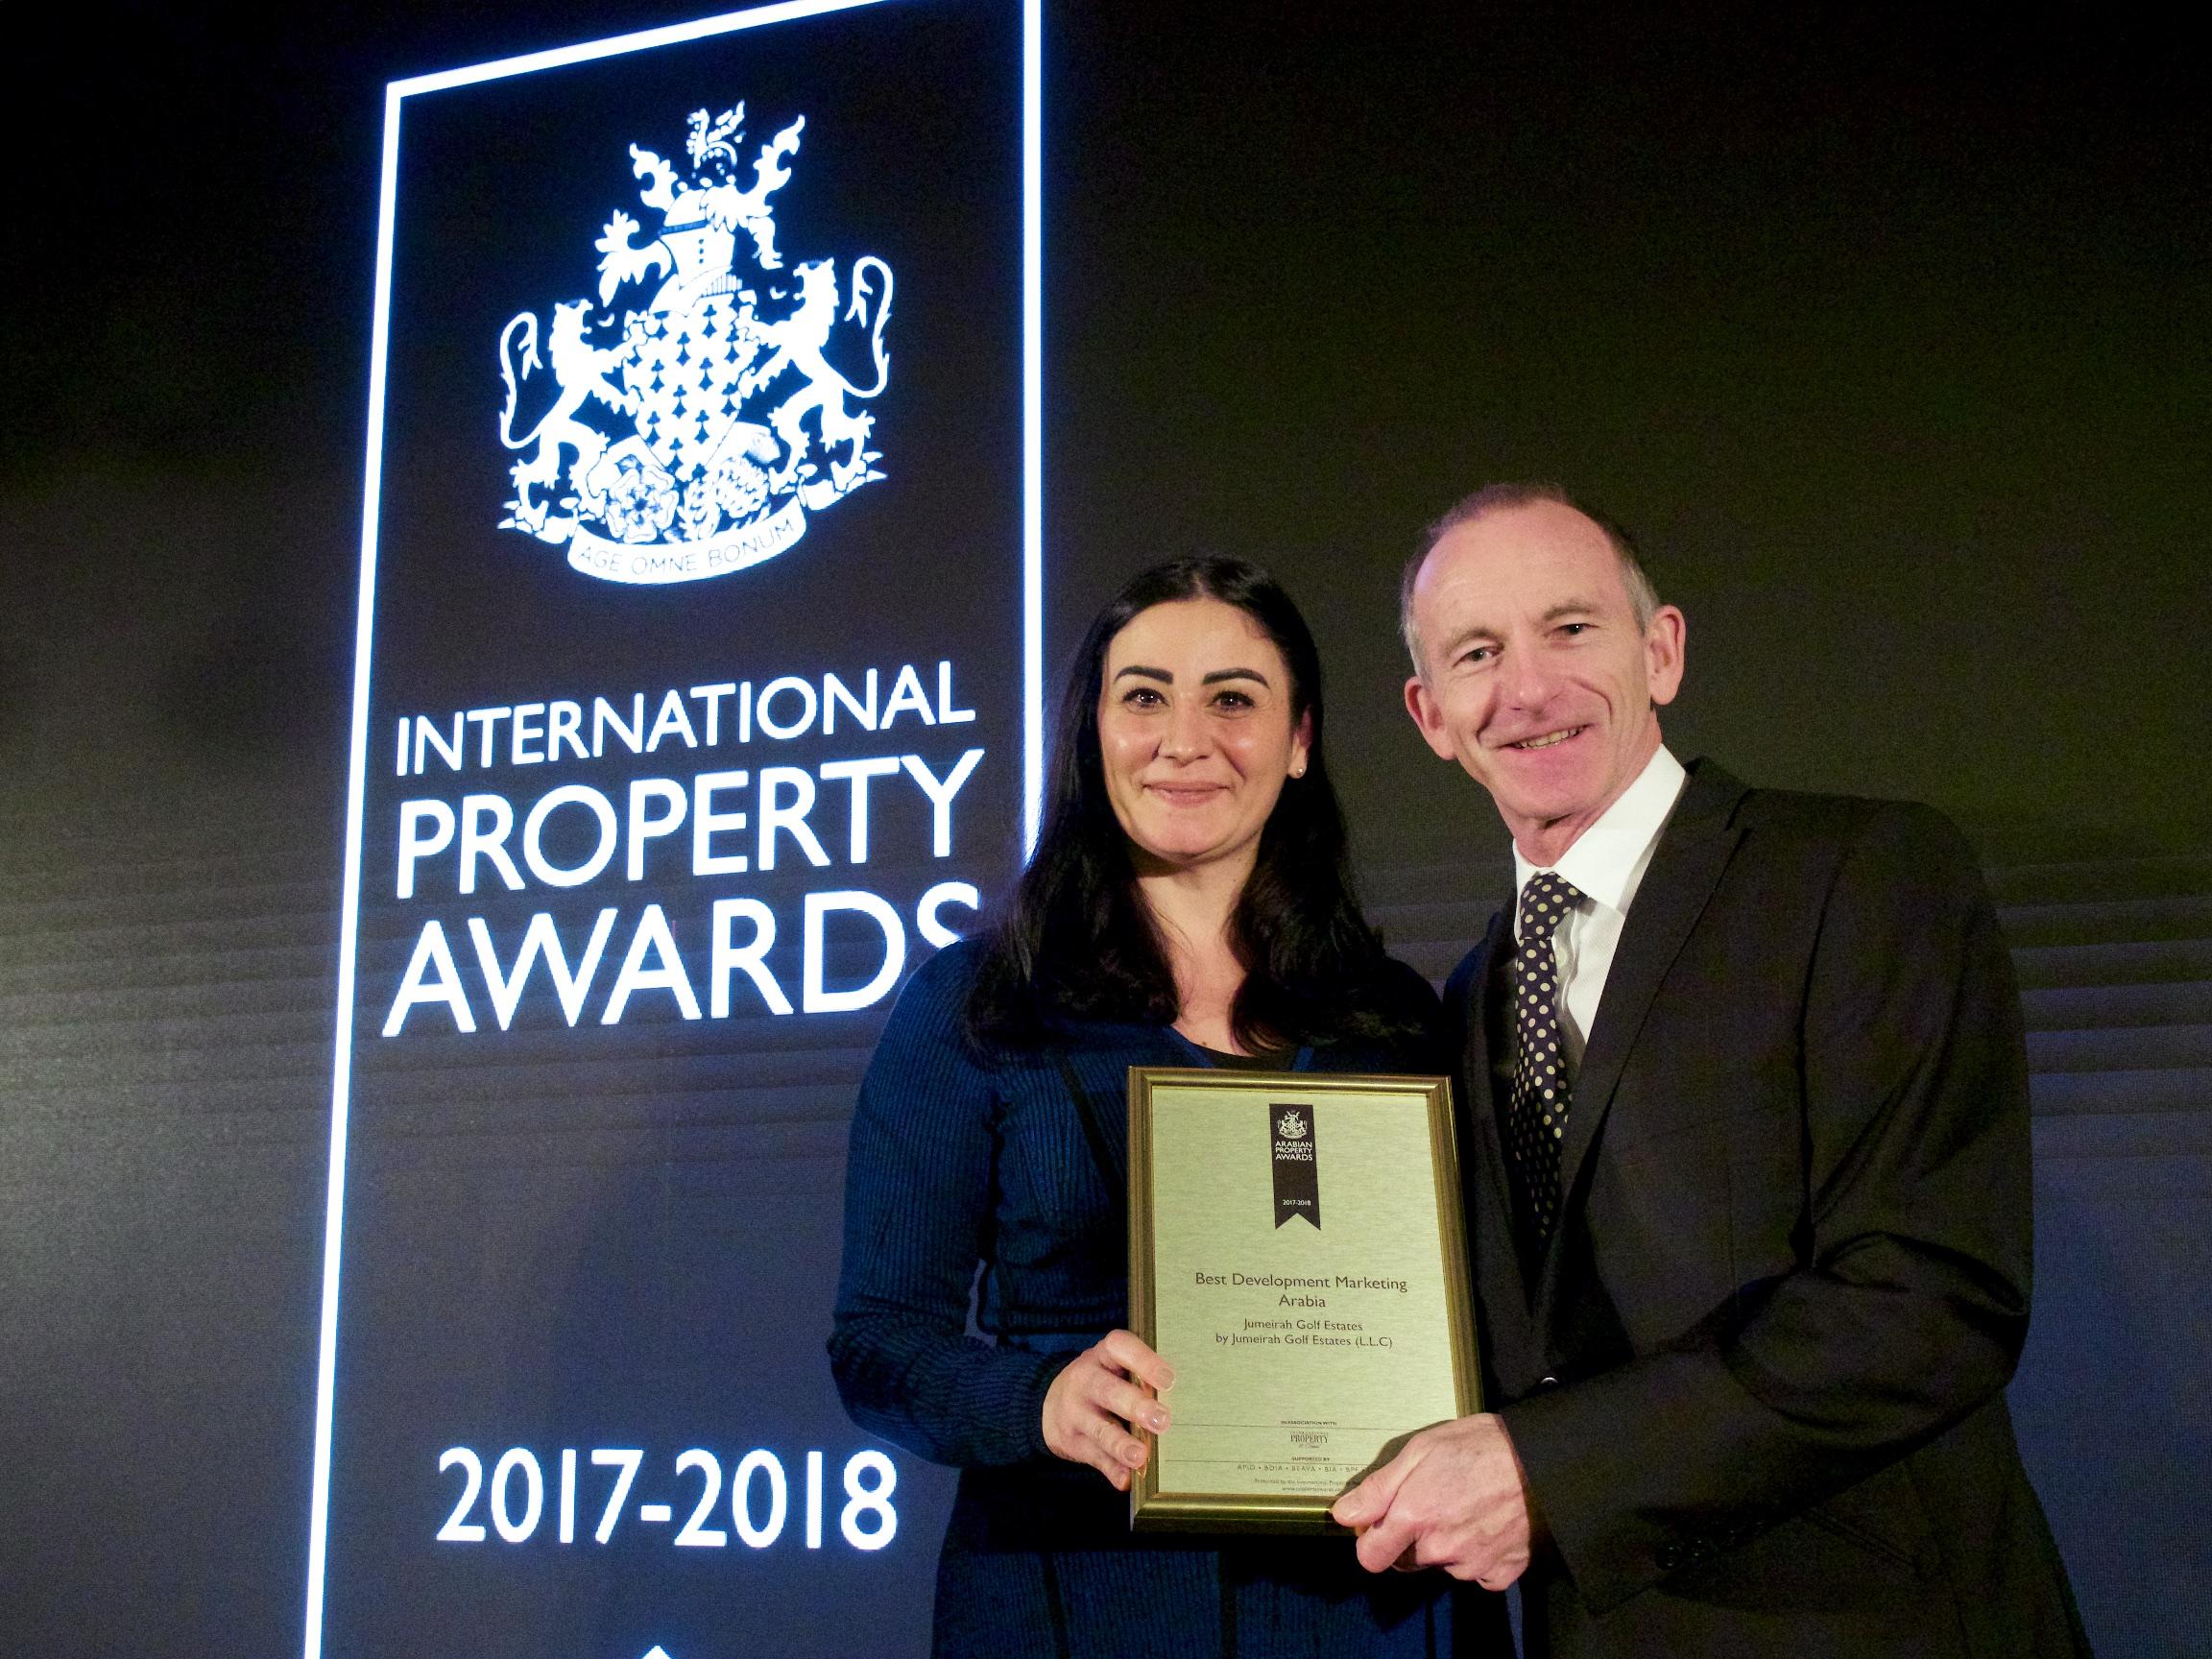 Jumeirah Golf Estates Wins International Property Award for Best International Development Marketing